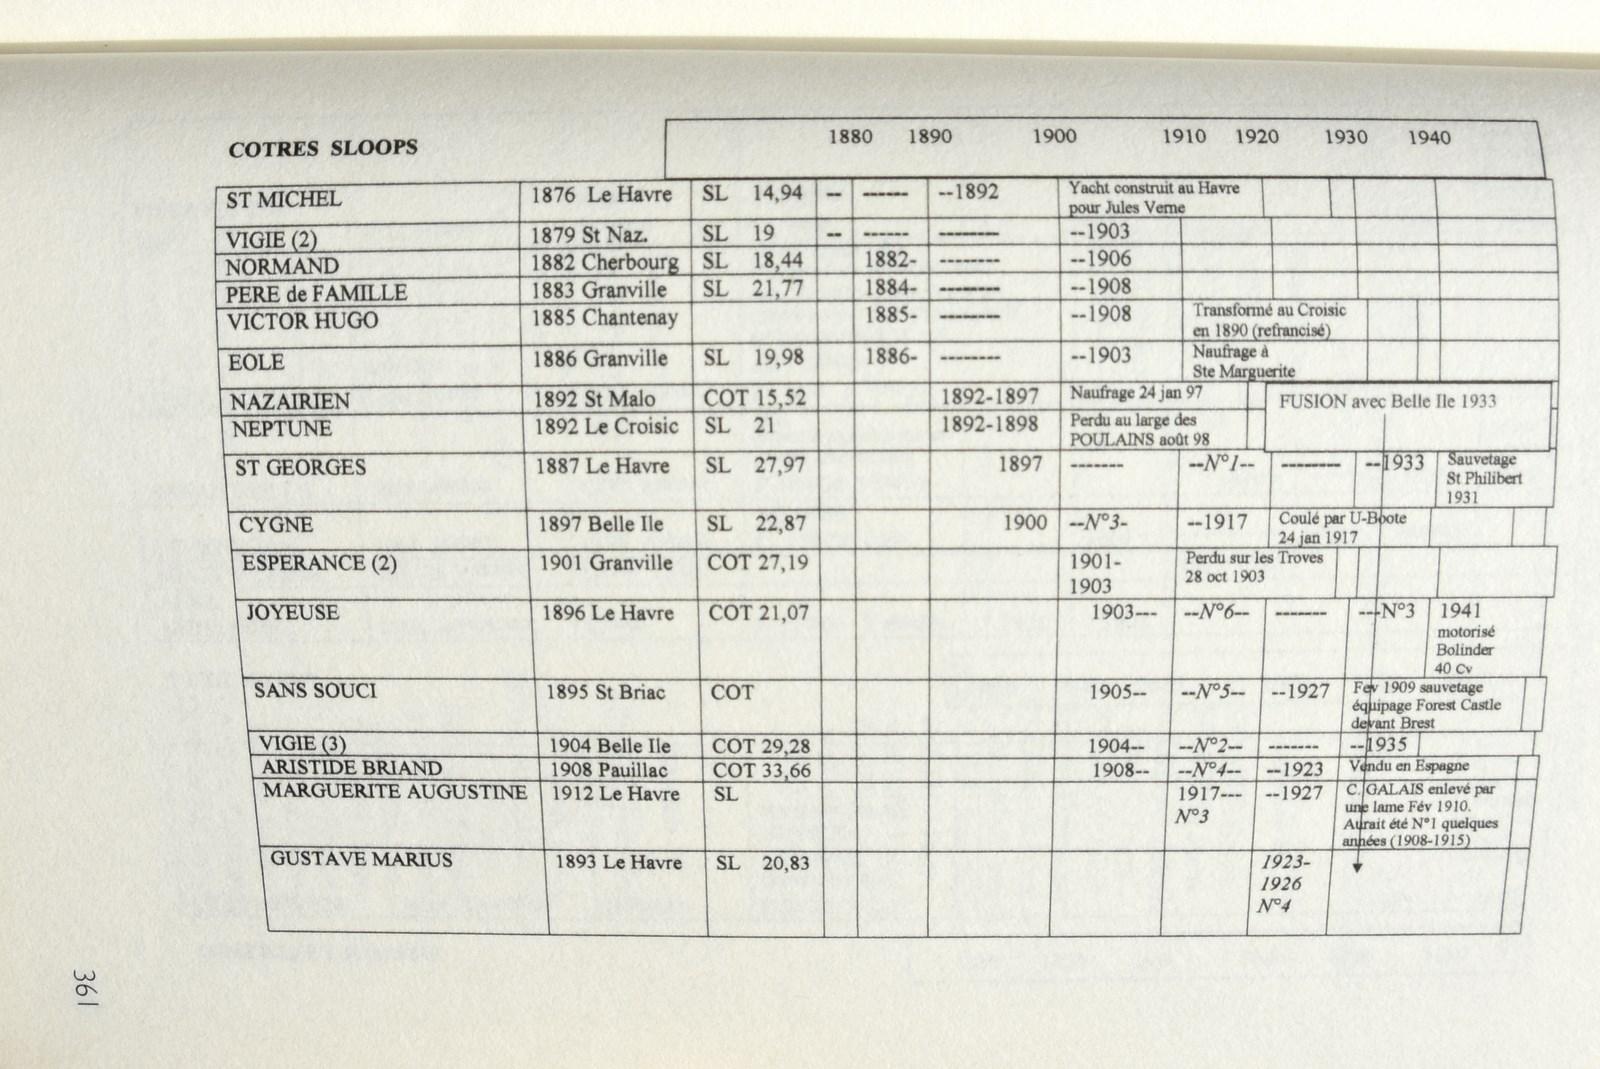 recherche des plans d'un modèle de yacht classique télécommandable inachevé - Page 2 171020025301227507